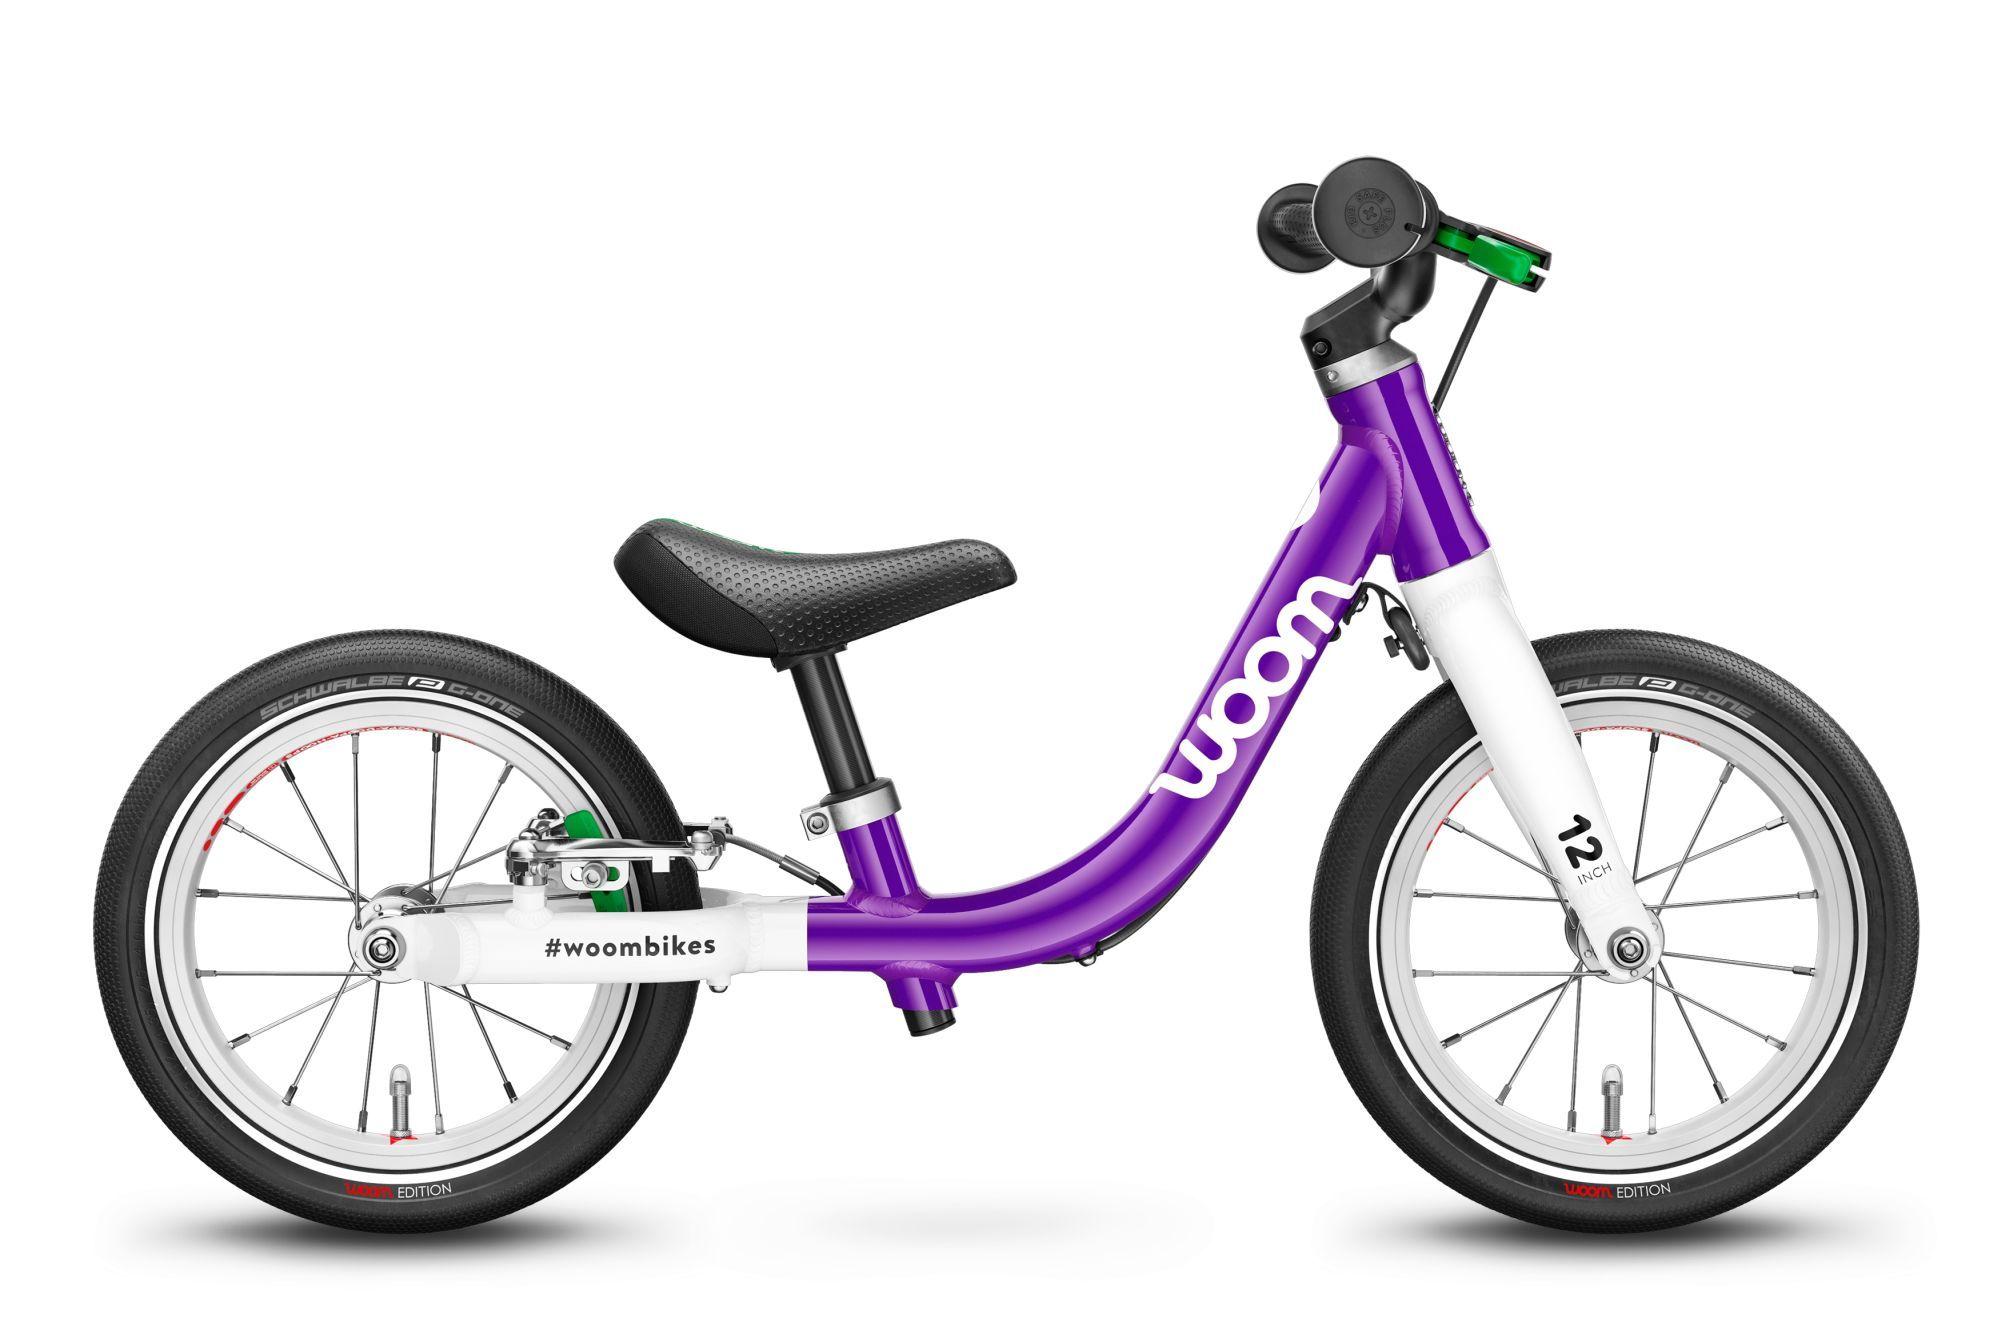 Woom 1, 1 marcia, bicicletta senza pedali per bambini, Wave, modello 2021, 12 pollici foschia viola